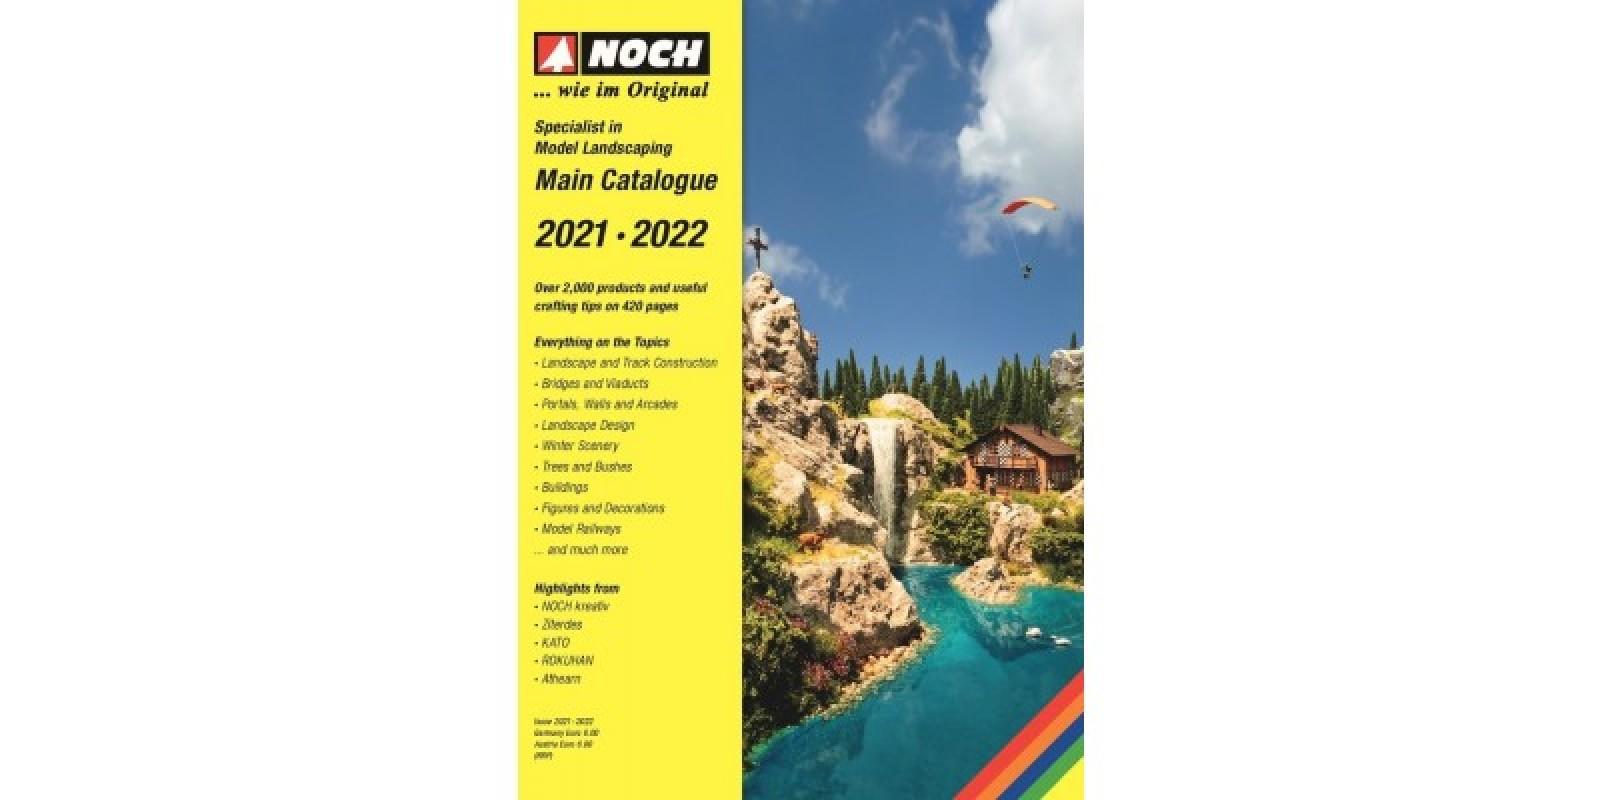 NO72212 NOCH Catalogue 2021/2022 English